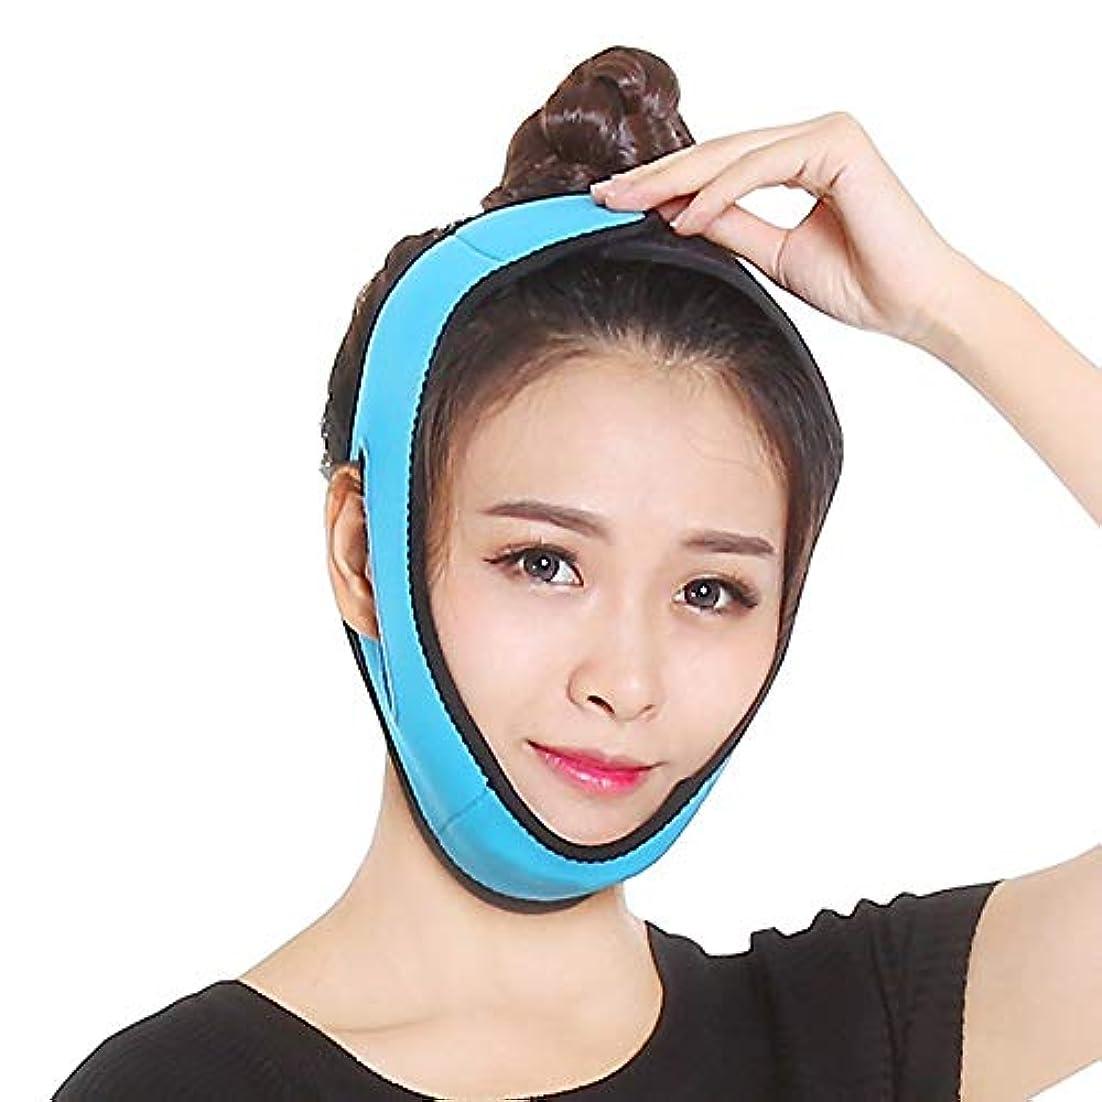 排出増強脊椎Minmin フェイシャルリフティングスリミングベルト - 薄いフェイス包帯二重あごデバイス無料フェイシャルマッサージ整形マスクを引き締める顔と首の顔スリム みんみんVラインフェイスマスク